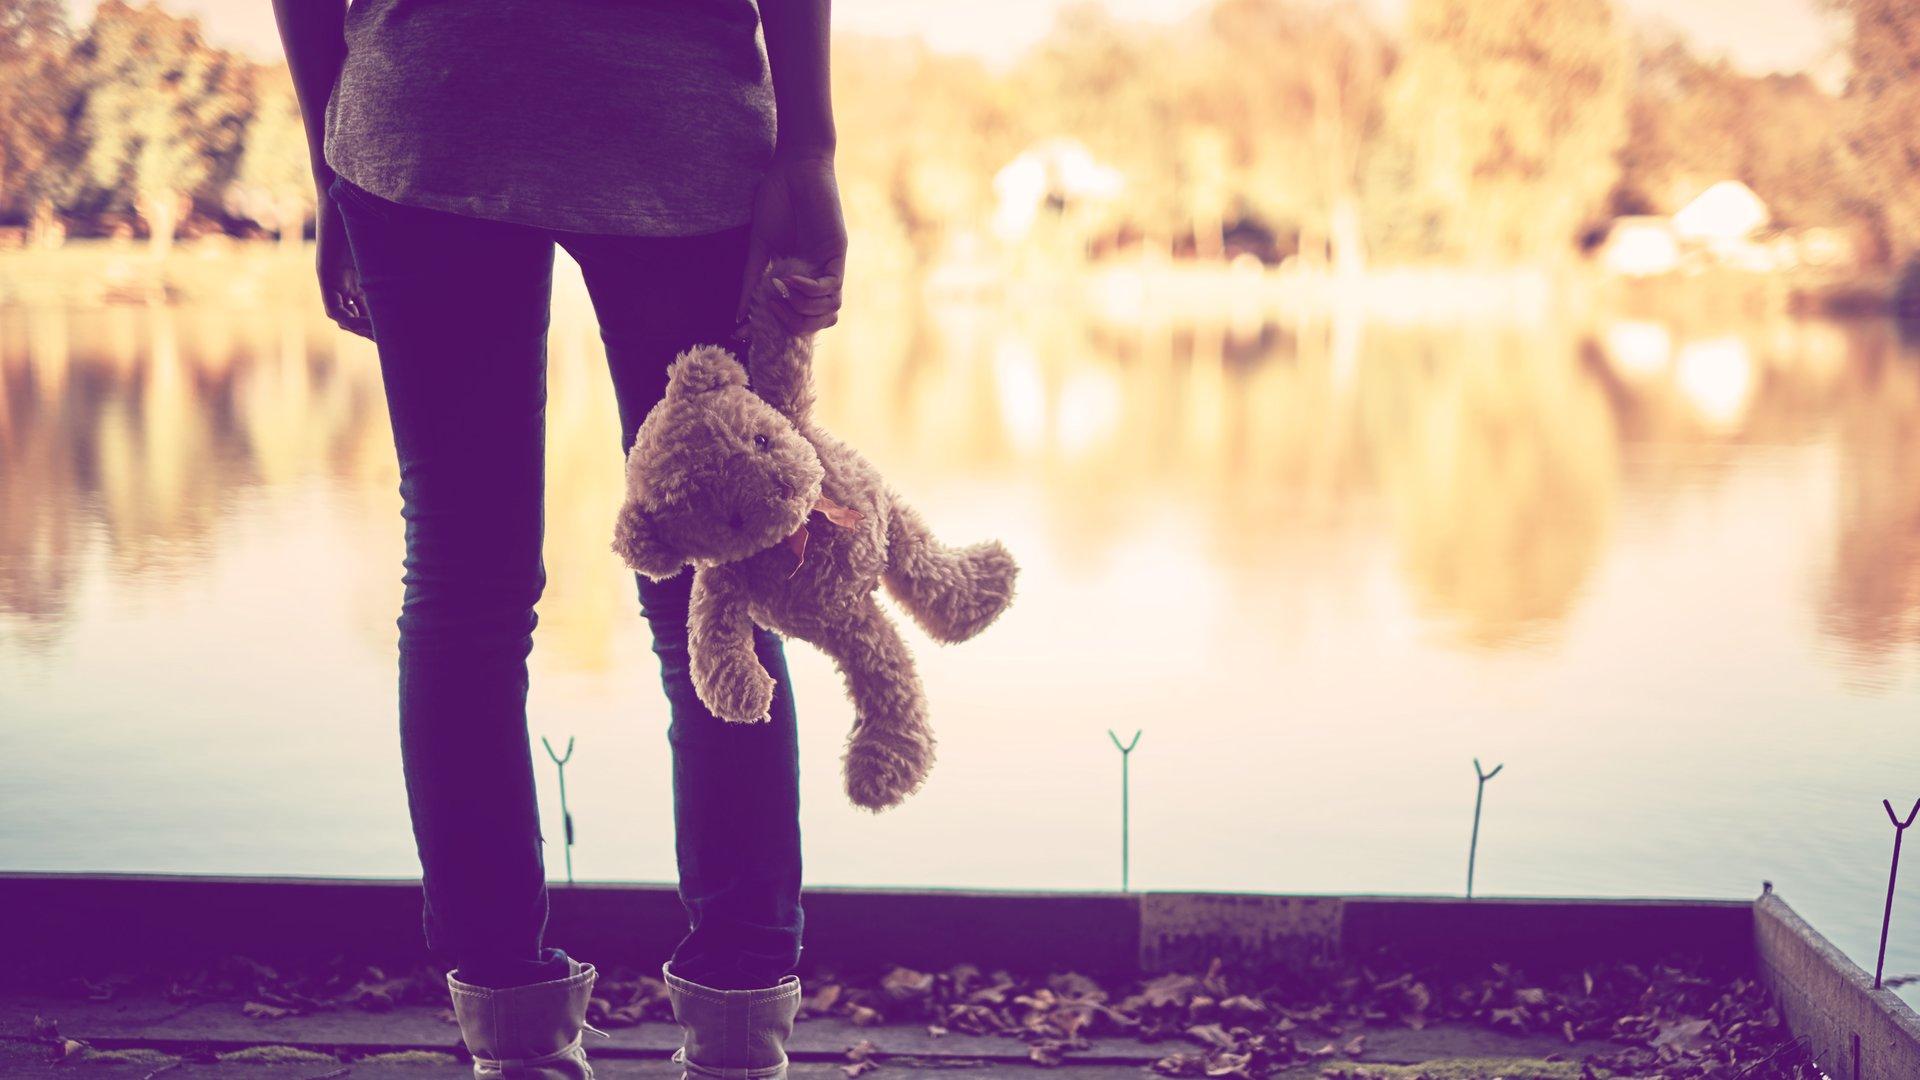 Ausschabung positiv lange nach wie schwangerschaftstest Positiver Schwangerschaftstest